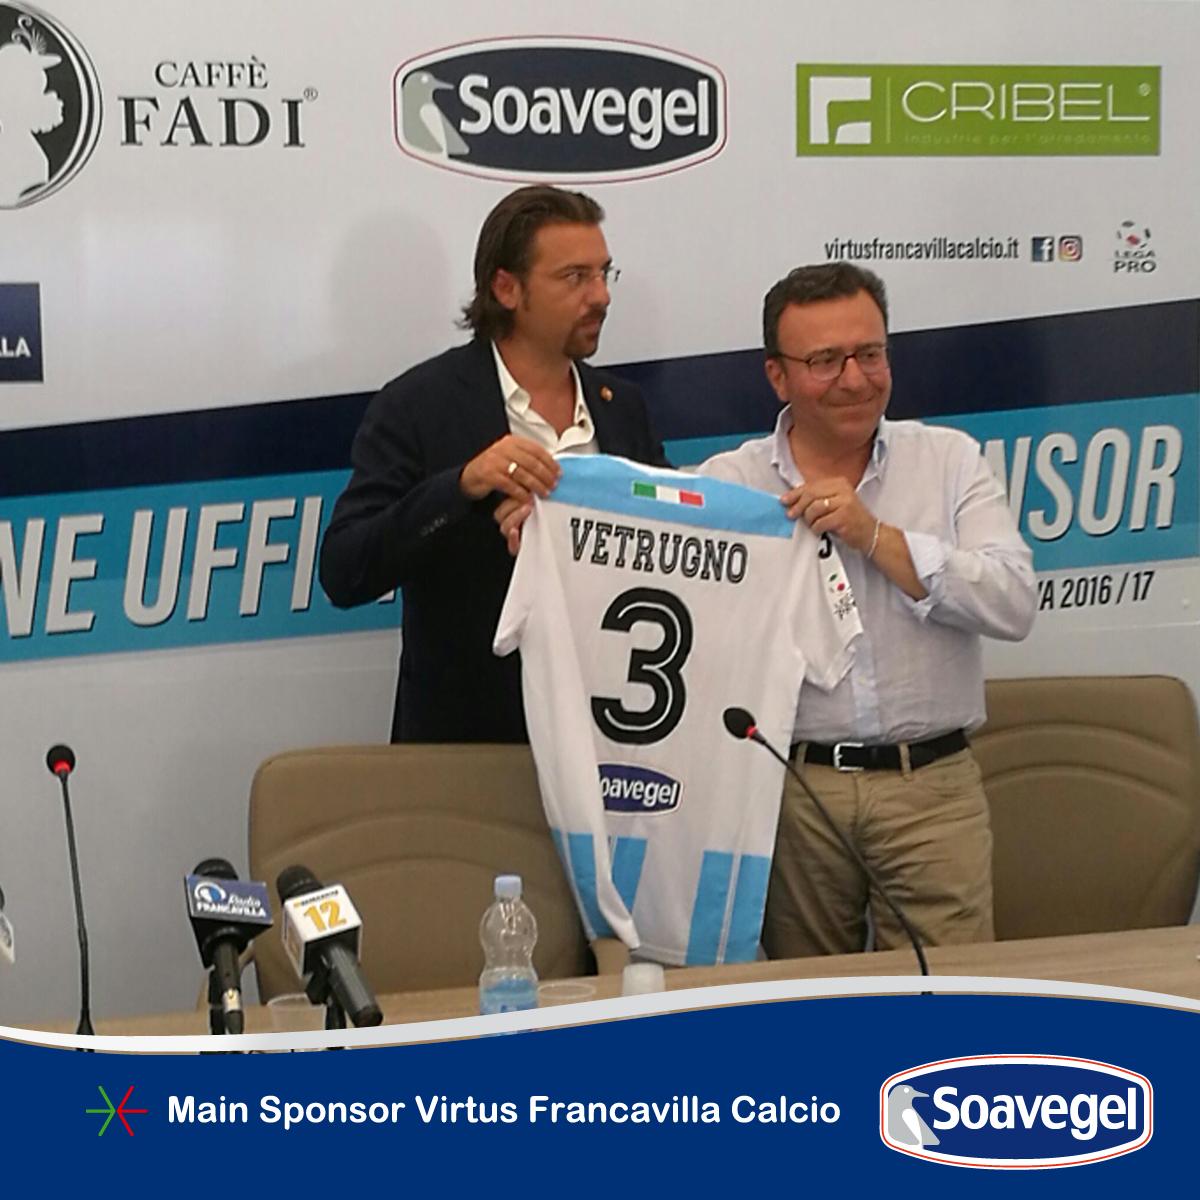 virtus-francavilla-calcio-lega-pro